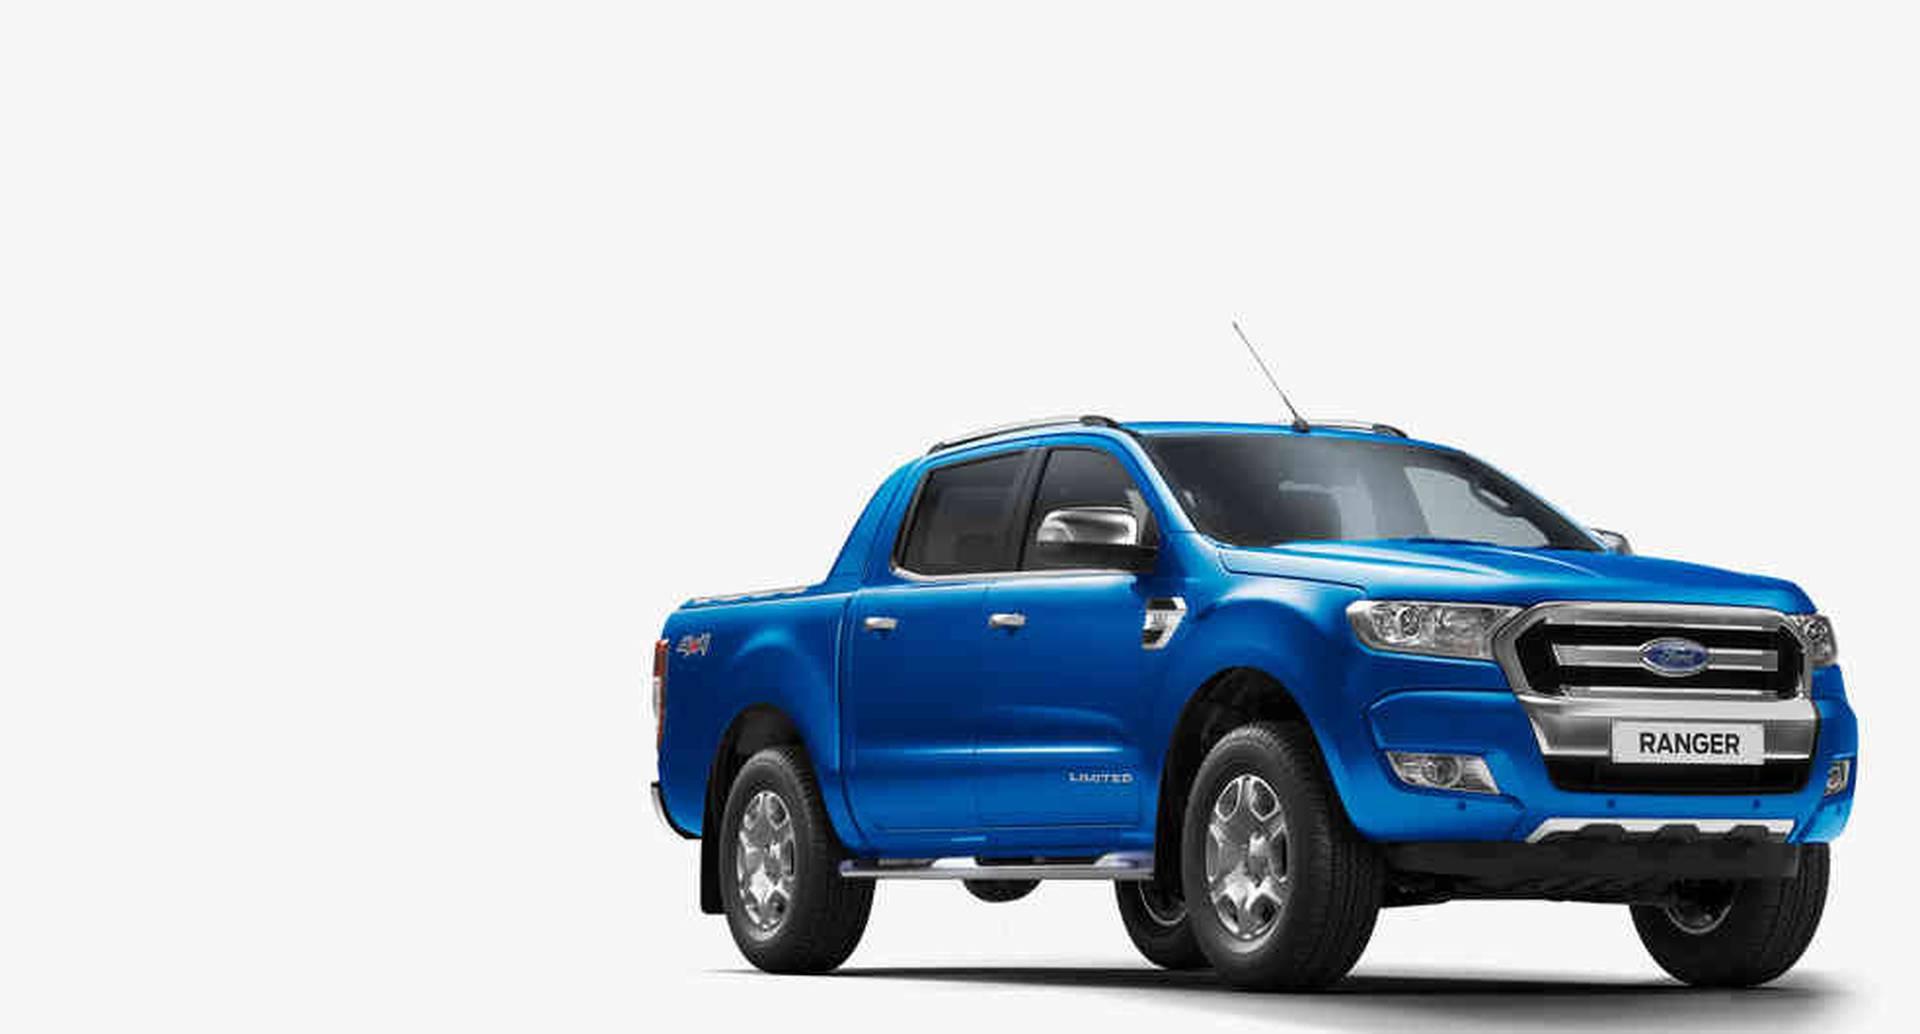 En Colombia la Ford Ranger XLS gasolina tiene un precio de 83.990.000 pesos.